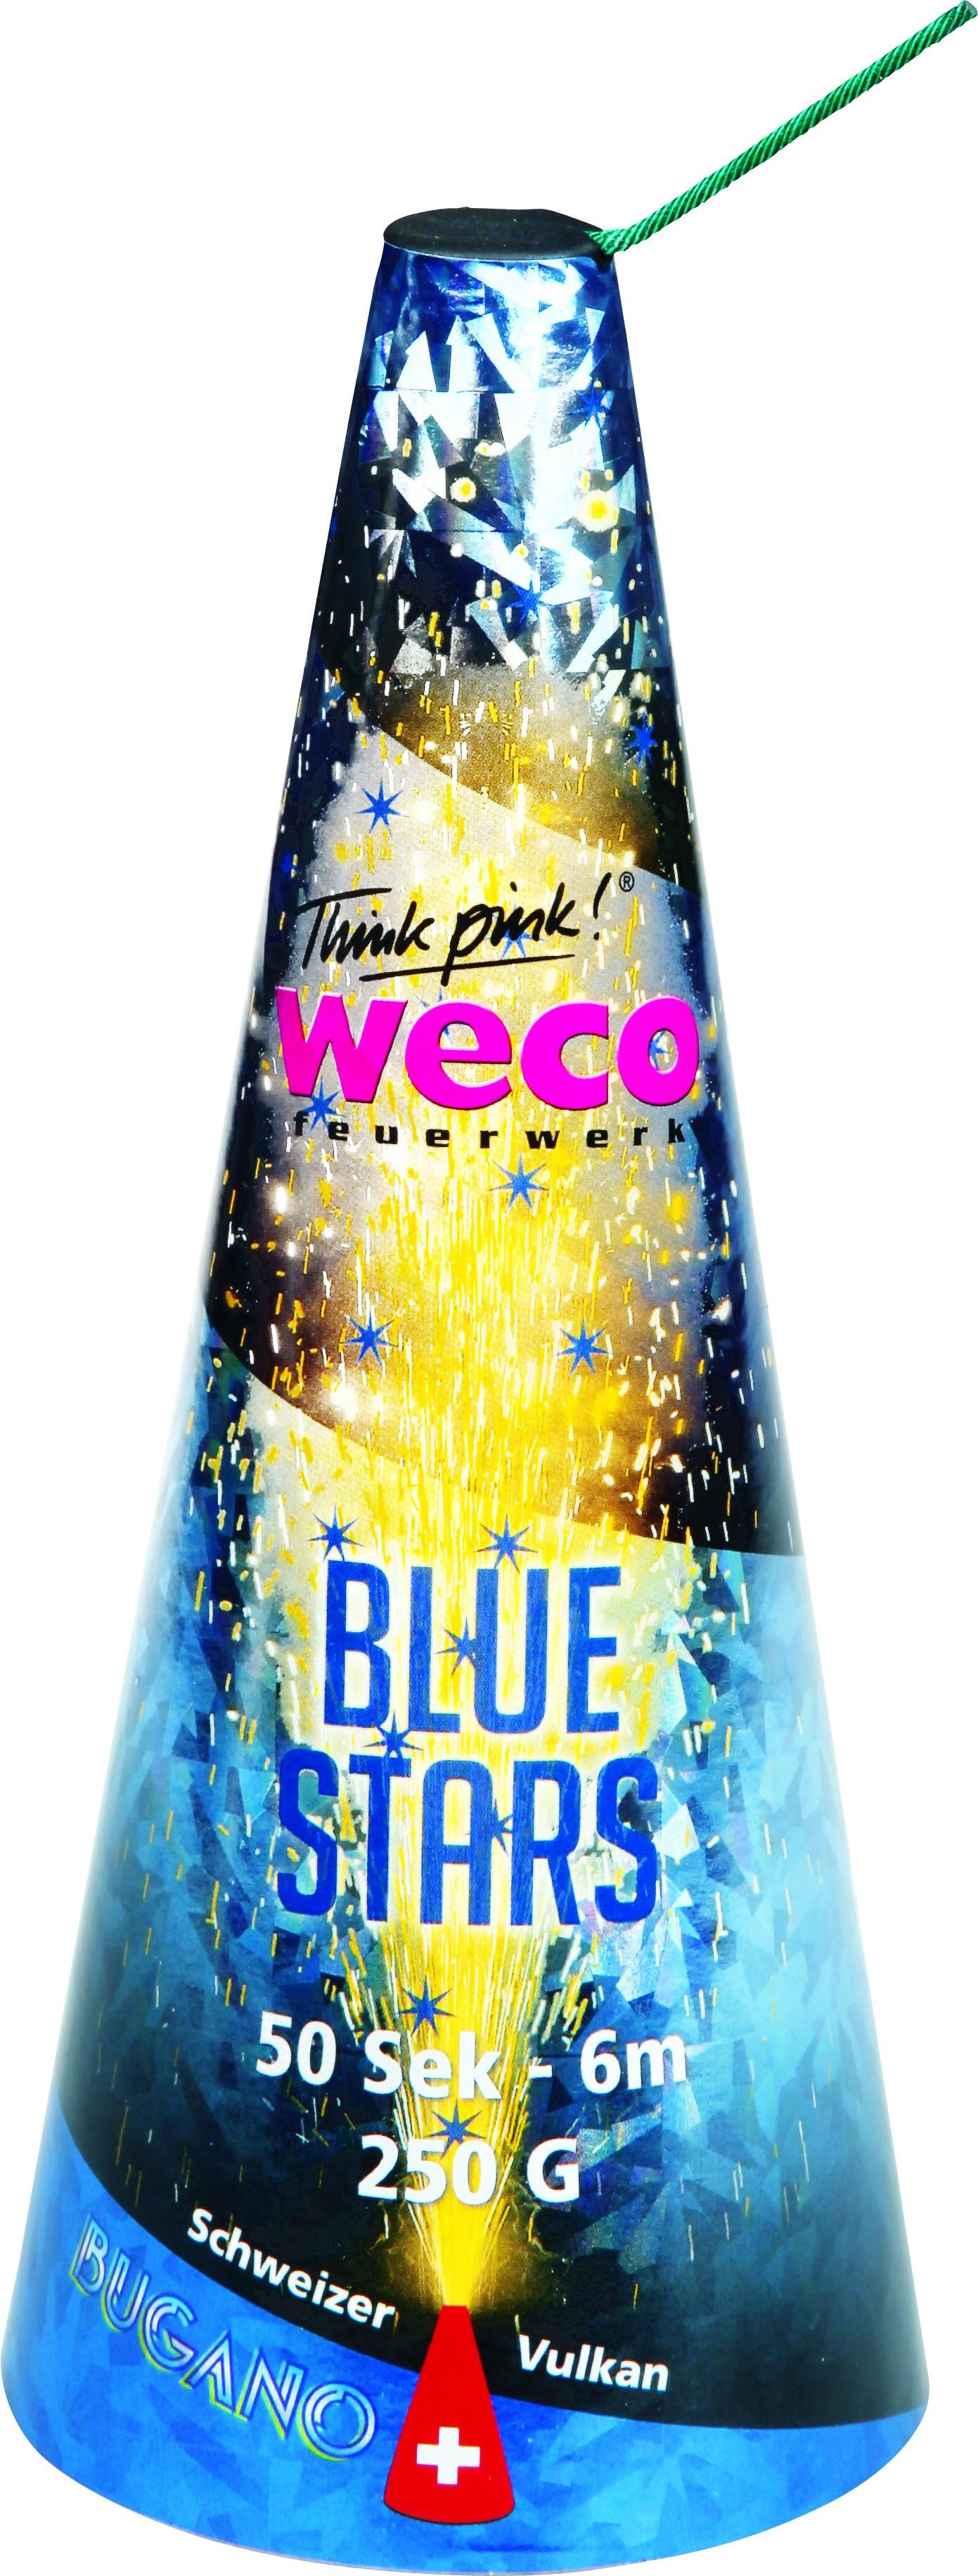 Weco Blue Stars -> Zink Vulkan No 5